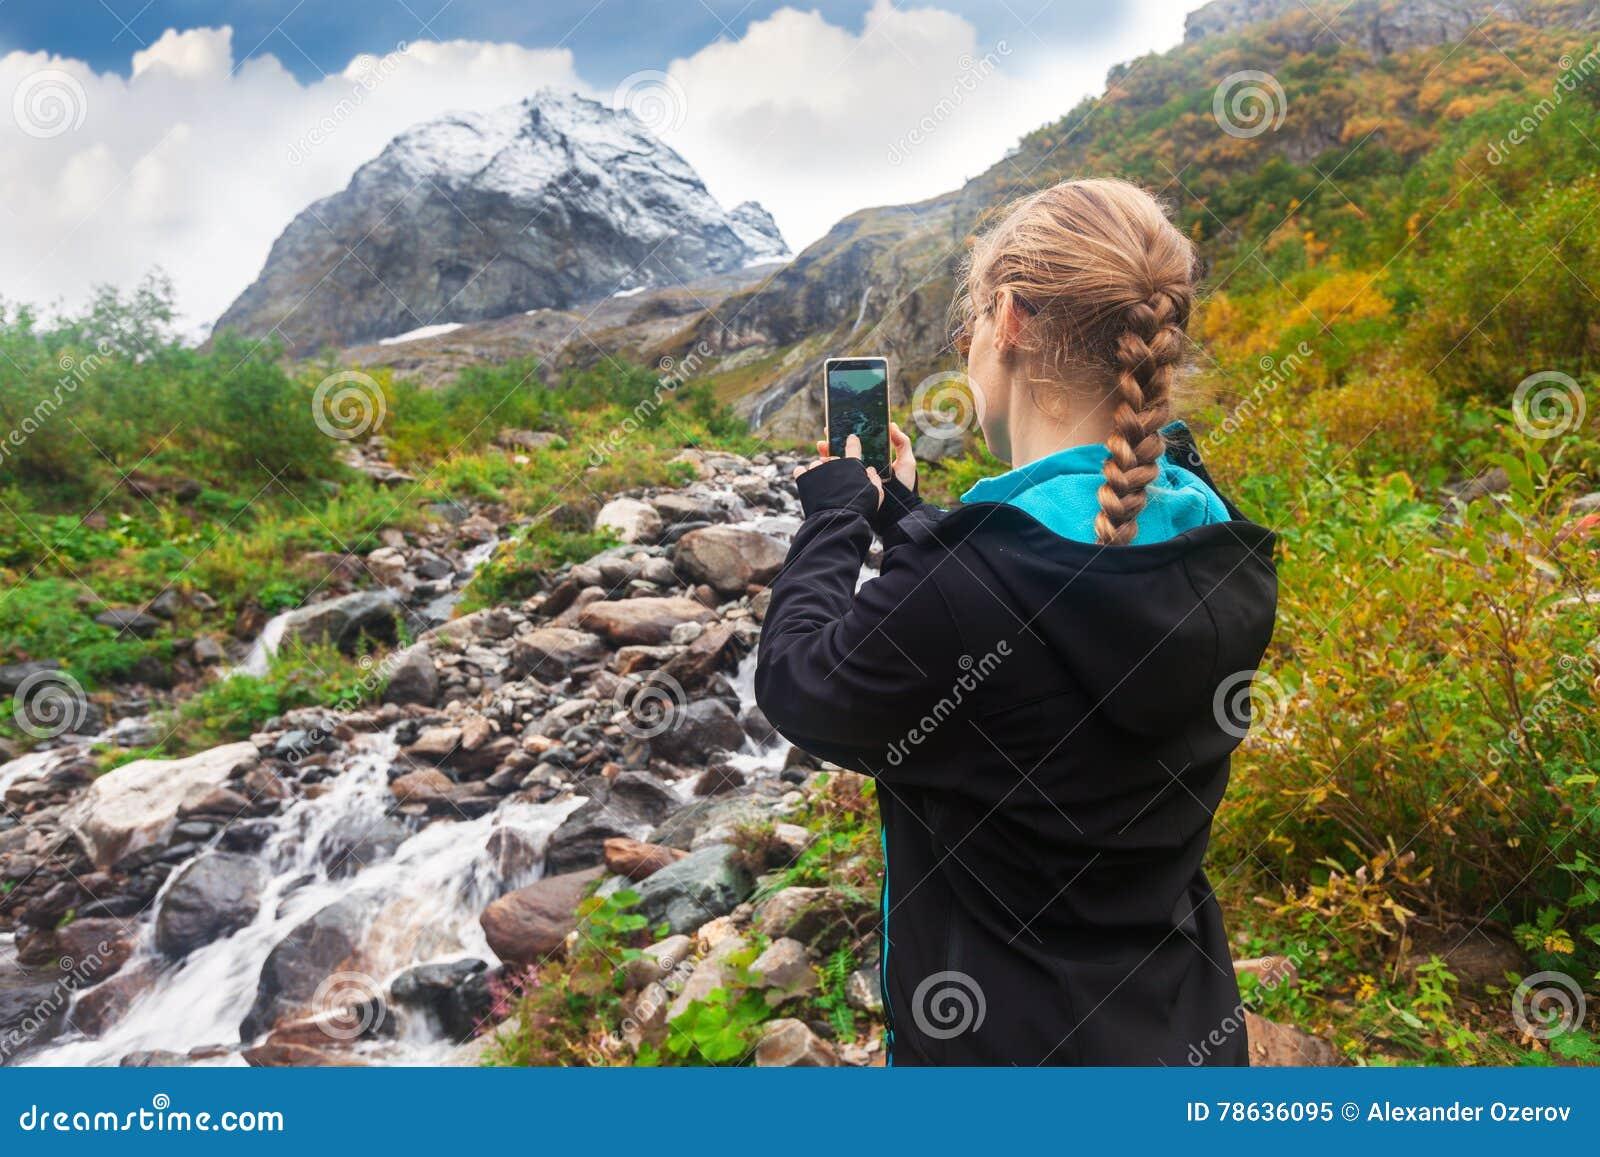 Γυναίκα που παίρνει μια φωτογραφία του βουνού στο smartphone